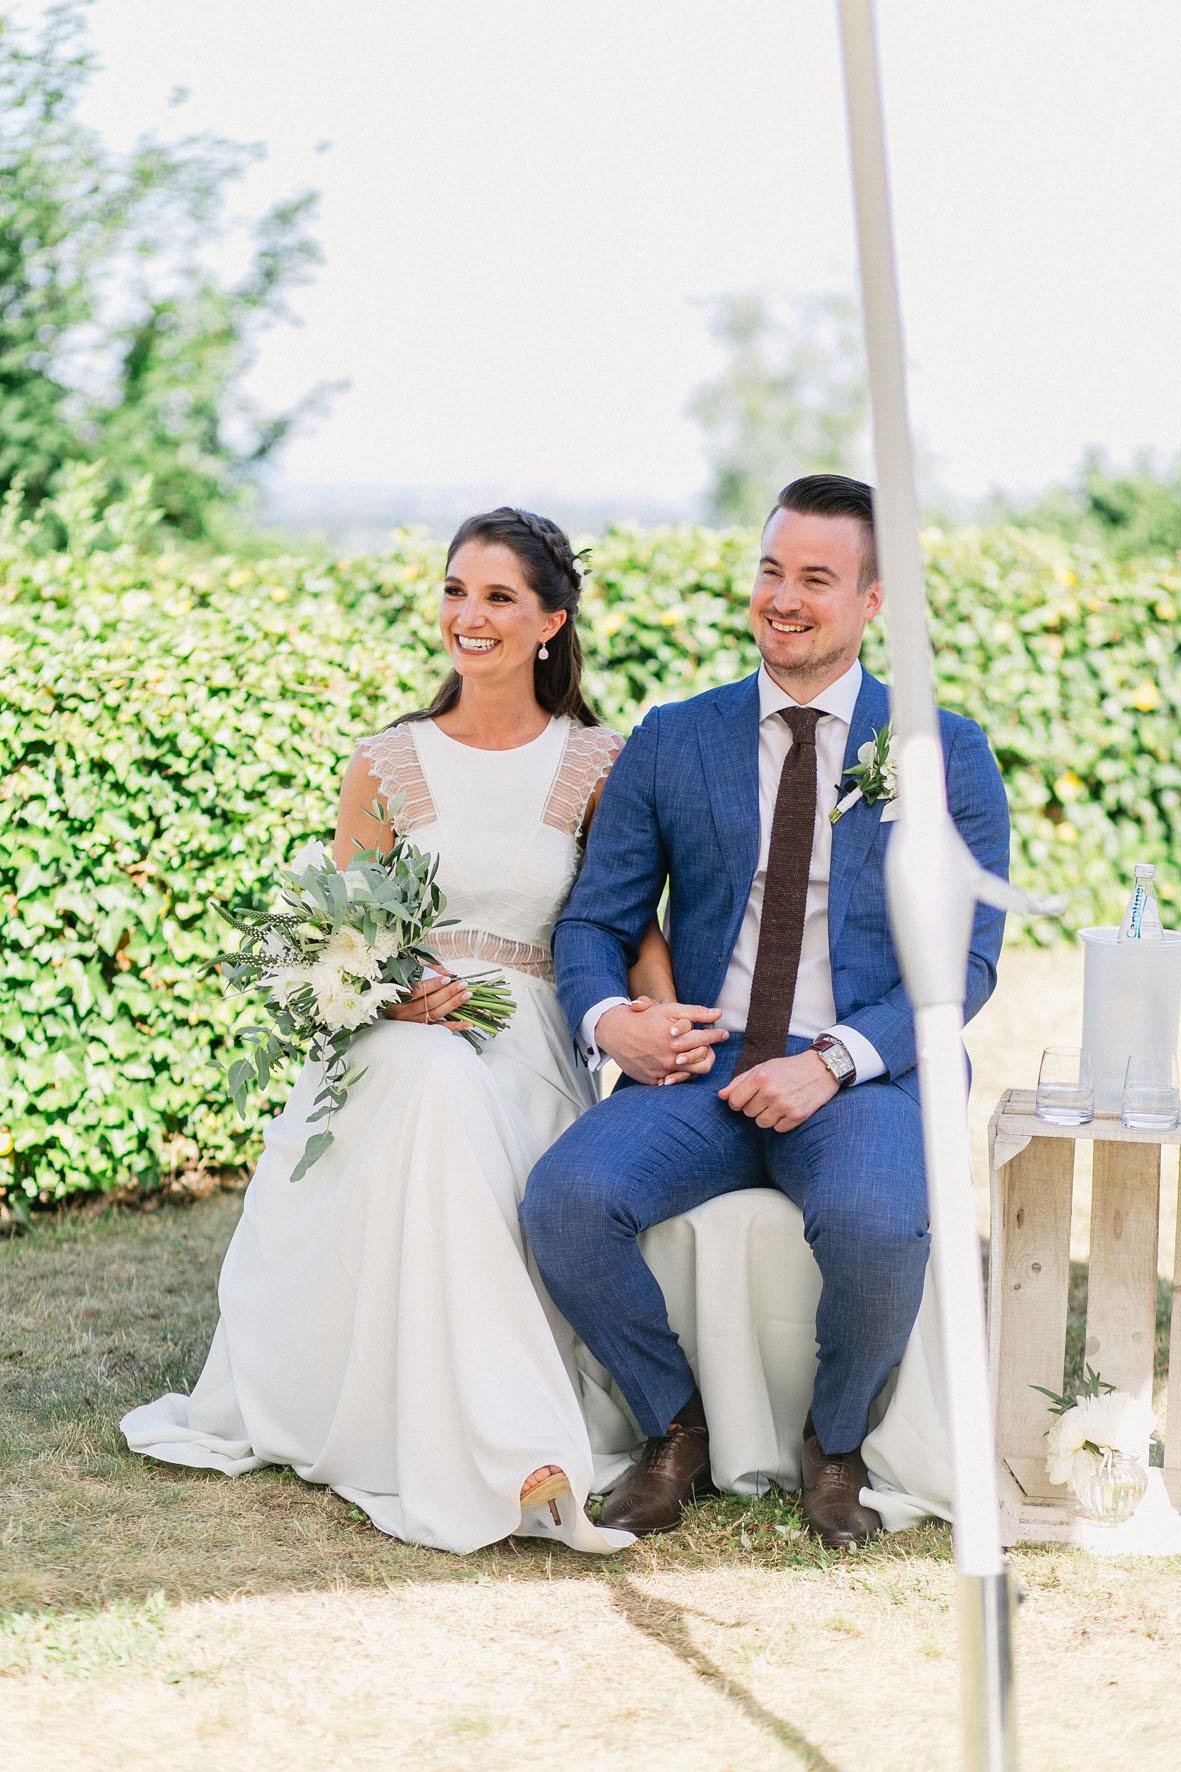 Hochzeitsrednerin Doreen Werding - Ein strahlendes Brautpaar